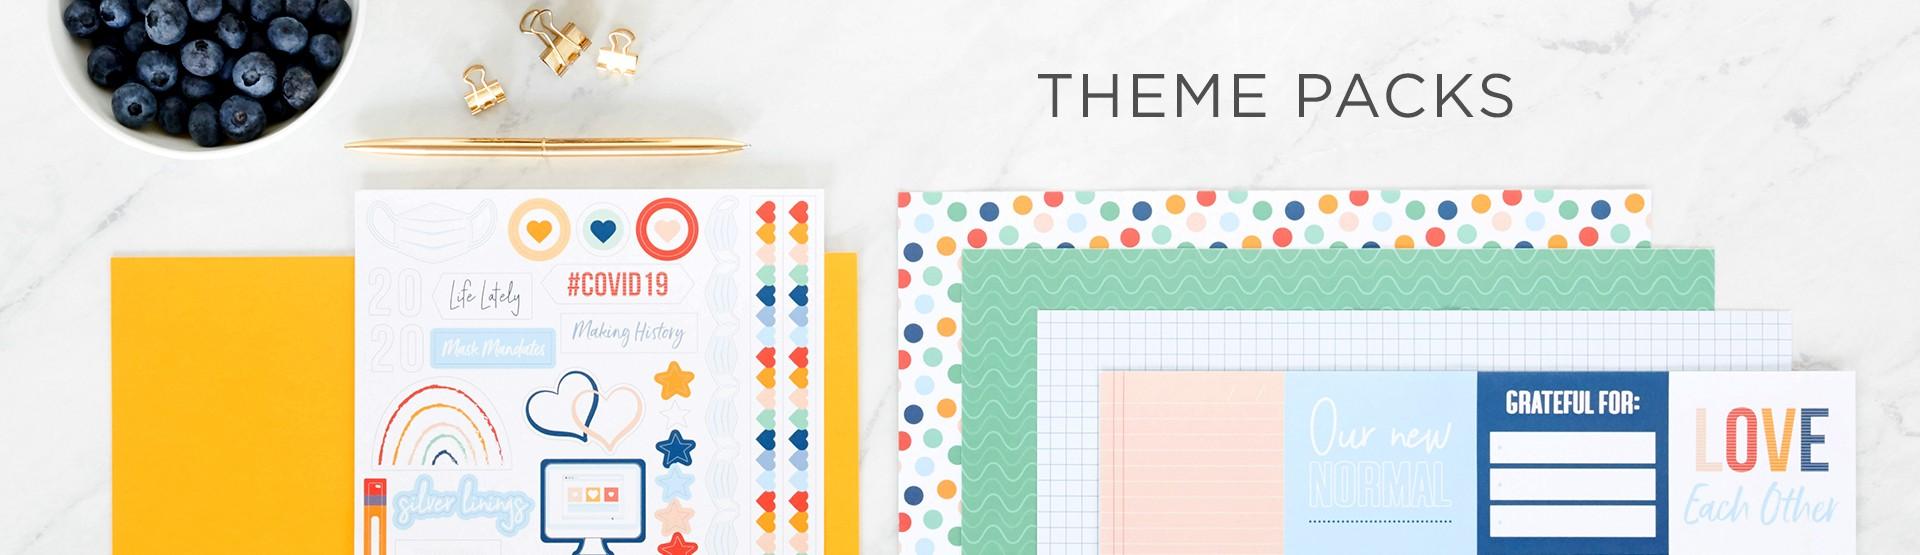 Theme Packs